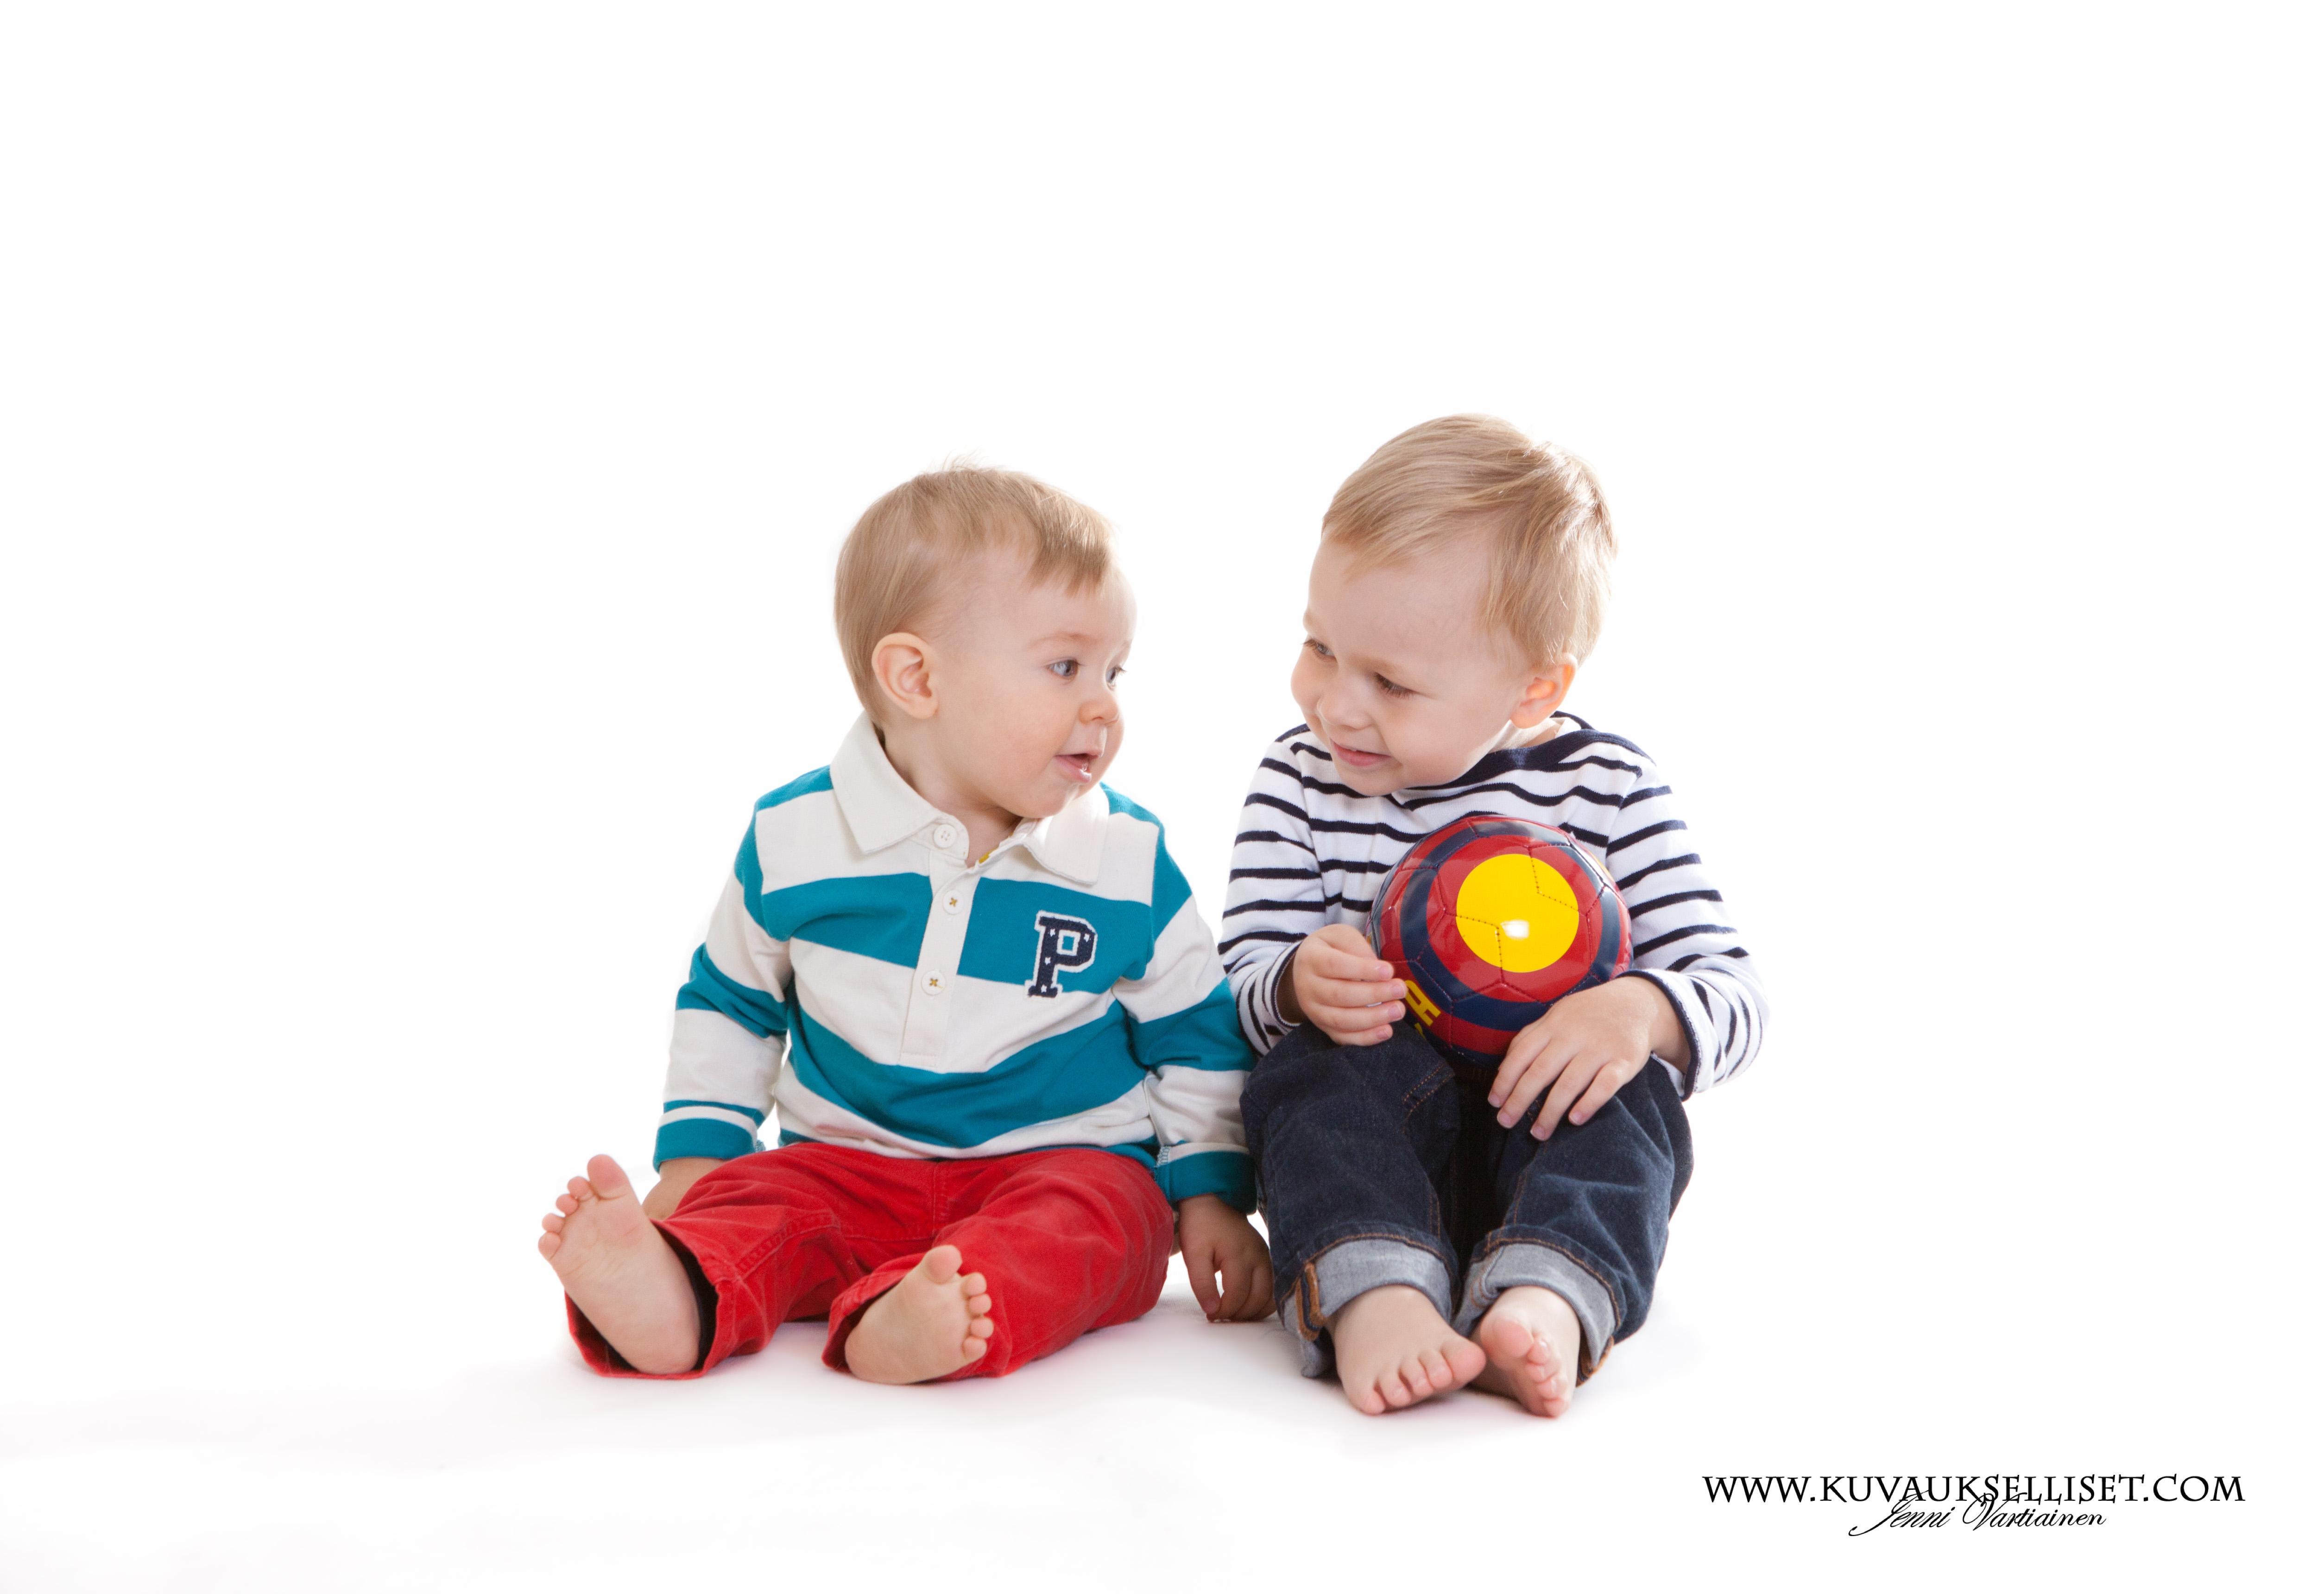 2014.10.6 1-vuotiskuvaus perhekuvaus lapsikuvaus miljöökuvaus perhekuvaus sisaruskuvaus family pictures päiväkotikuvaus-8